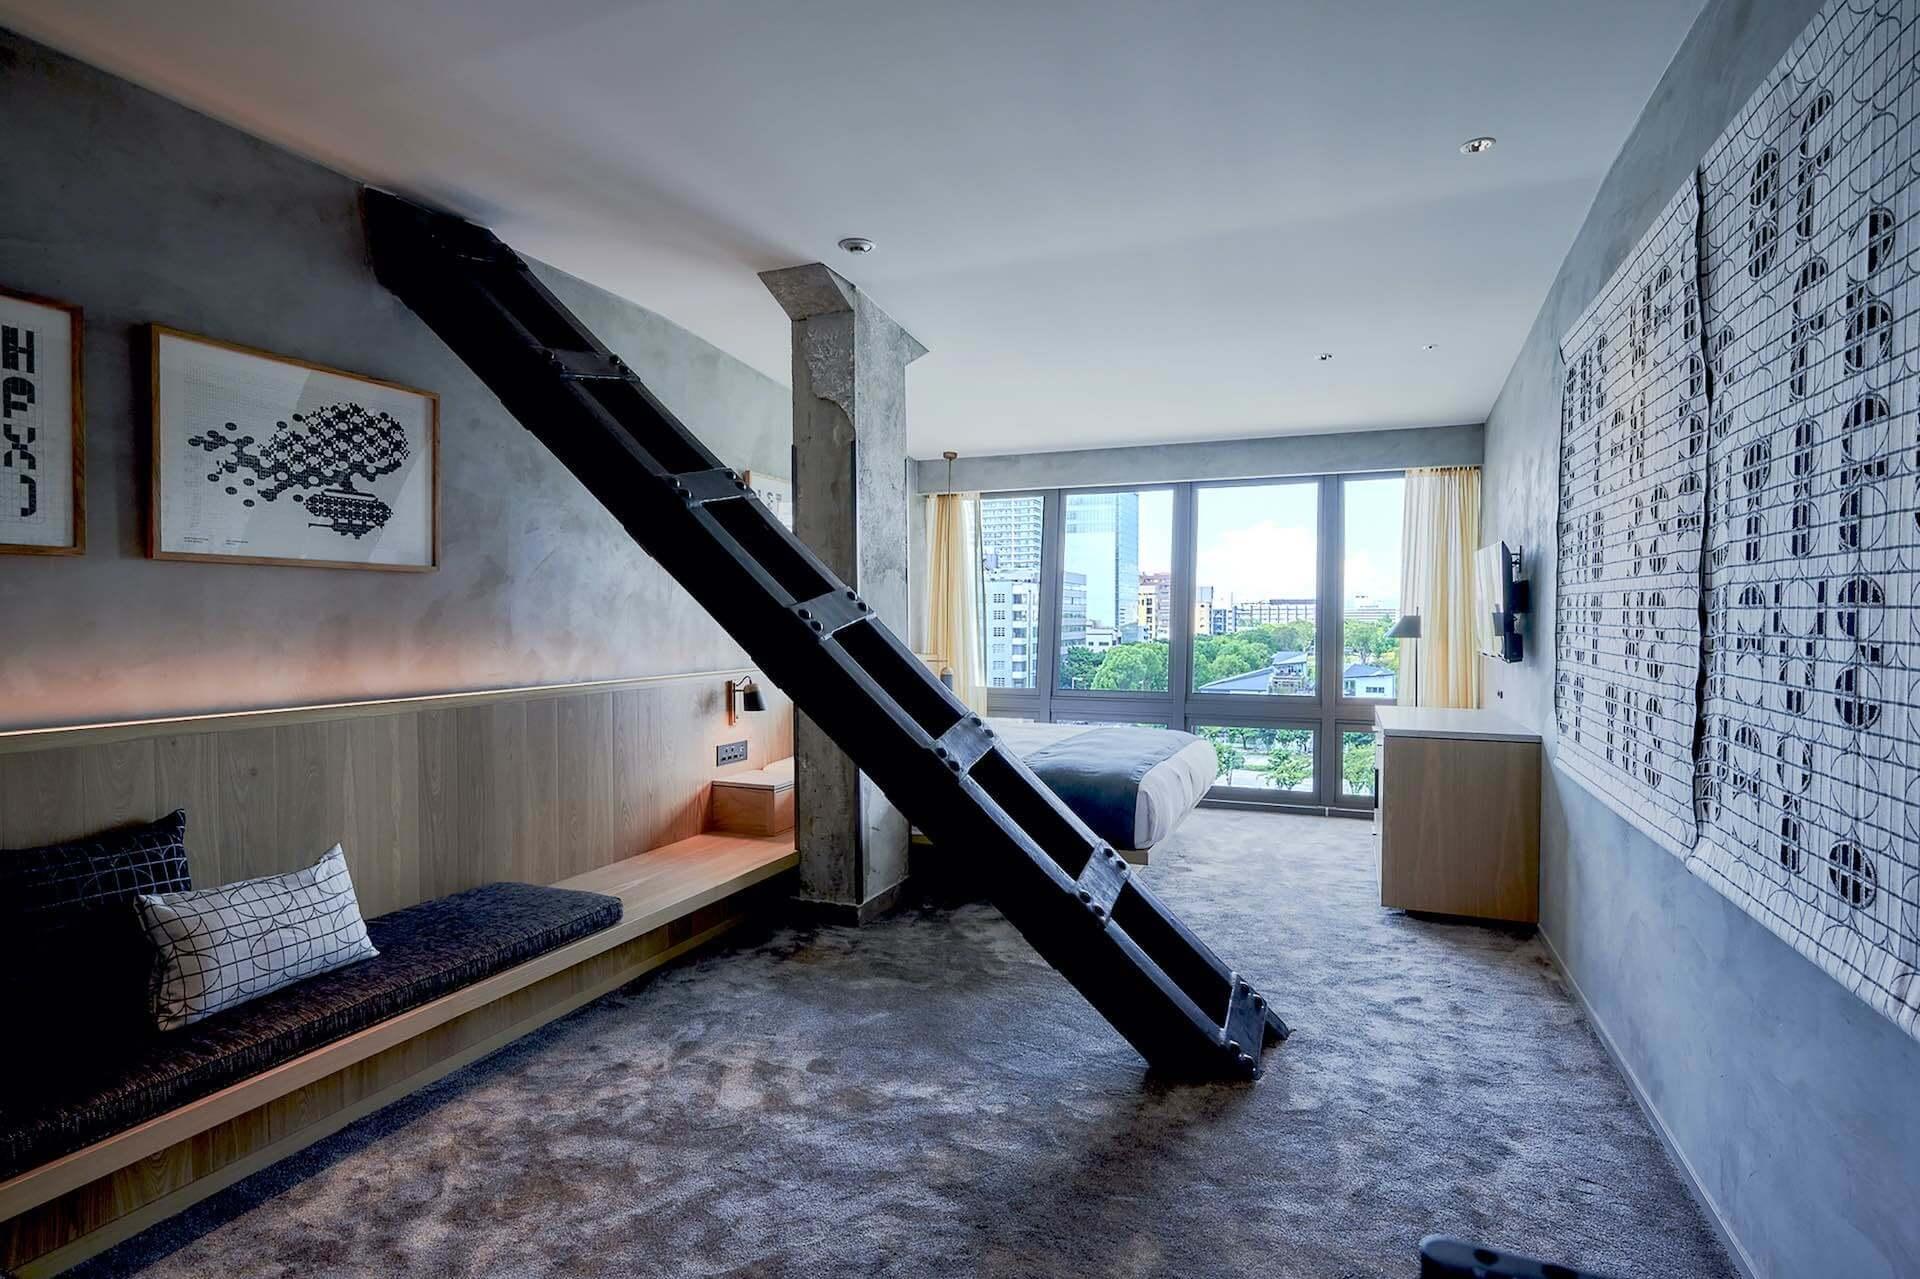 アートと共に豪華和食やフレンチの重箱を堪能しよう!ホテル「THE TOWER HOTEL NAGOYA」に期間限定の一泊二食プランが登場 lf210120_thetowerhotel_6-1920x1279